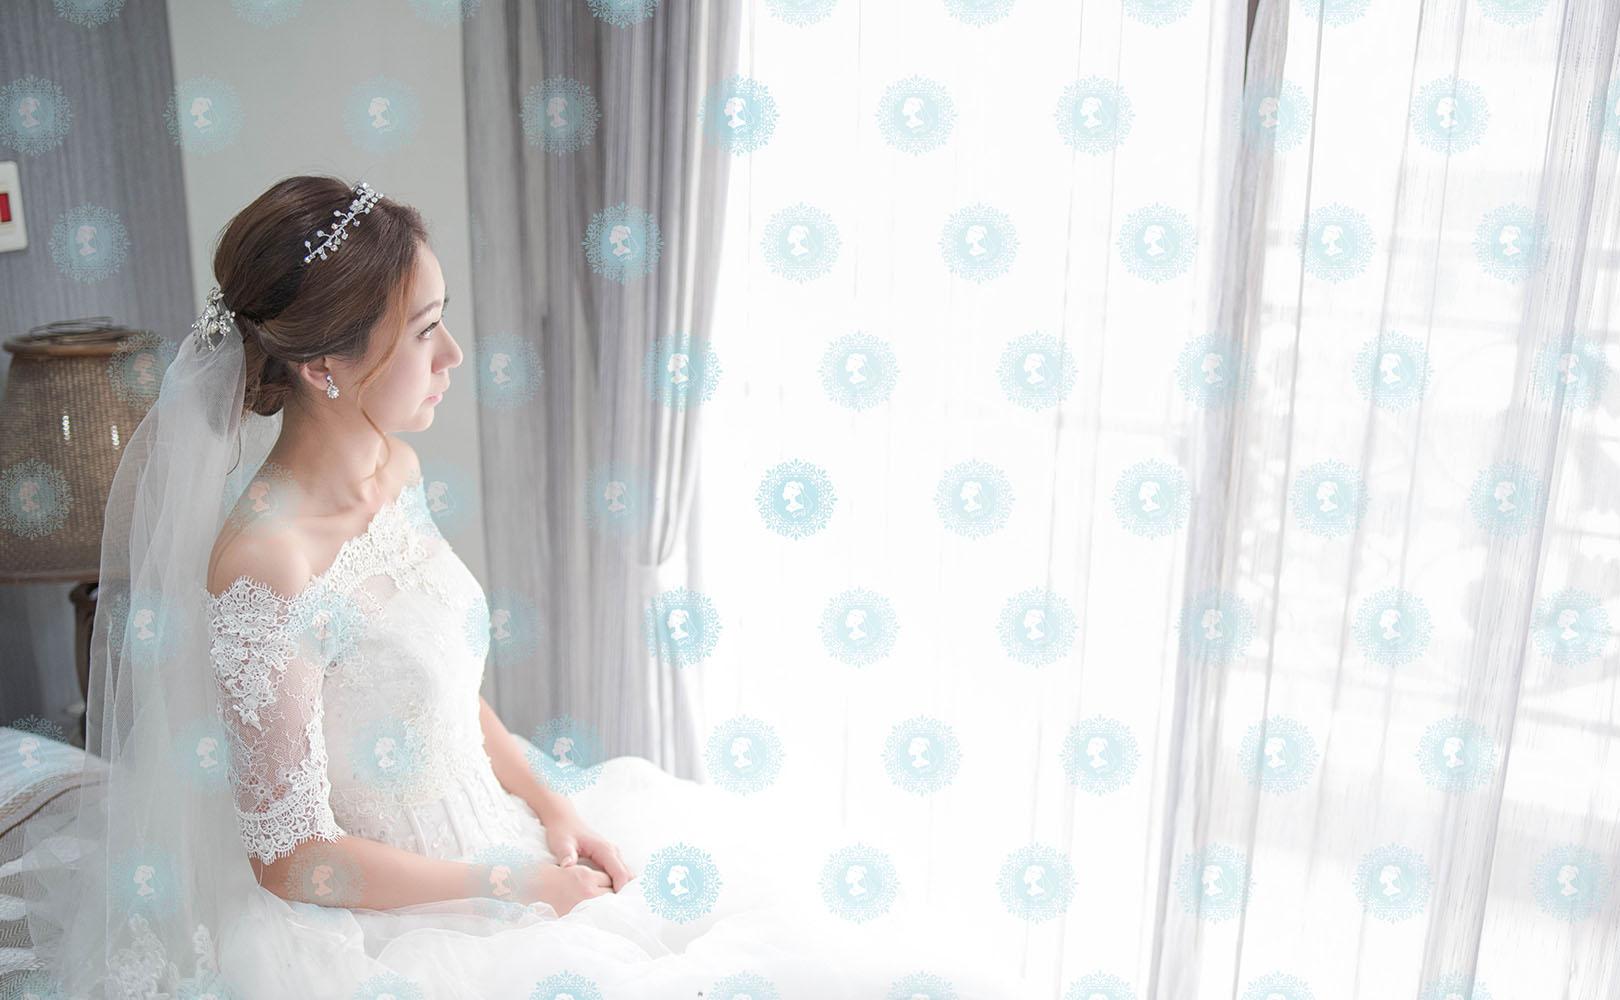 新娘秘書造型師作品-白色夢幻/氣質名媛作品照片圖2